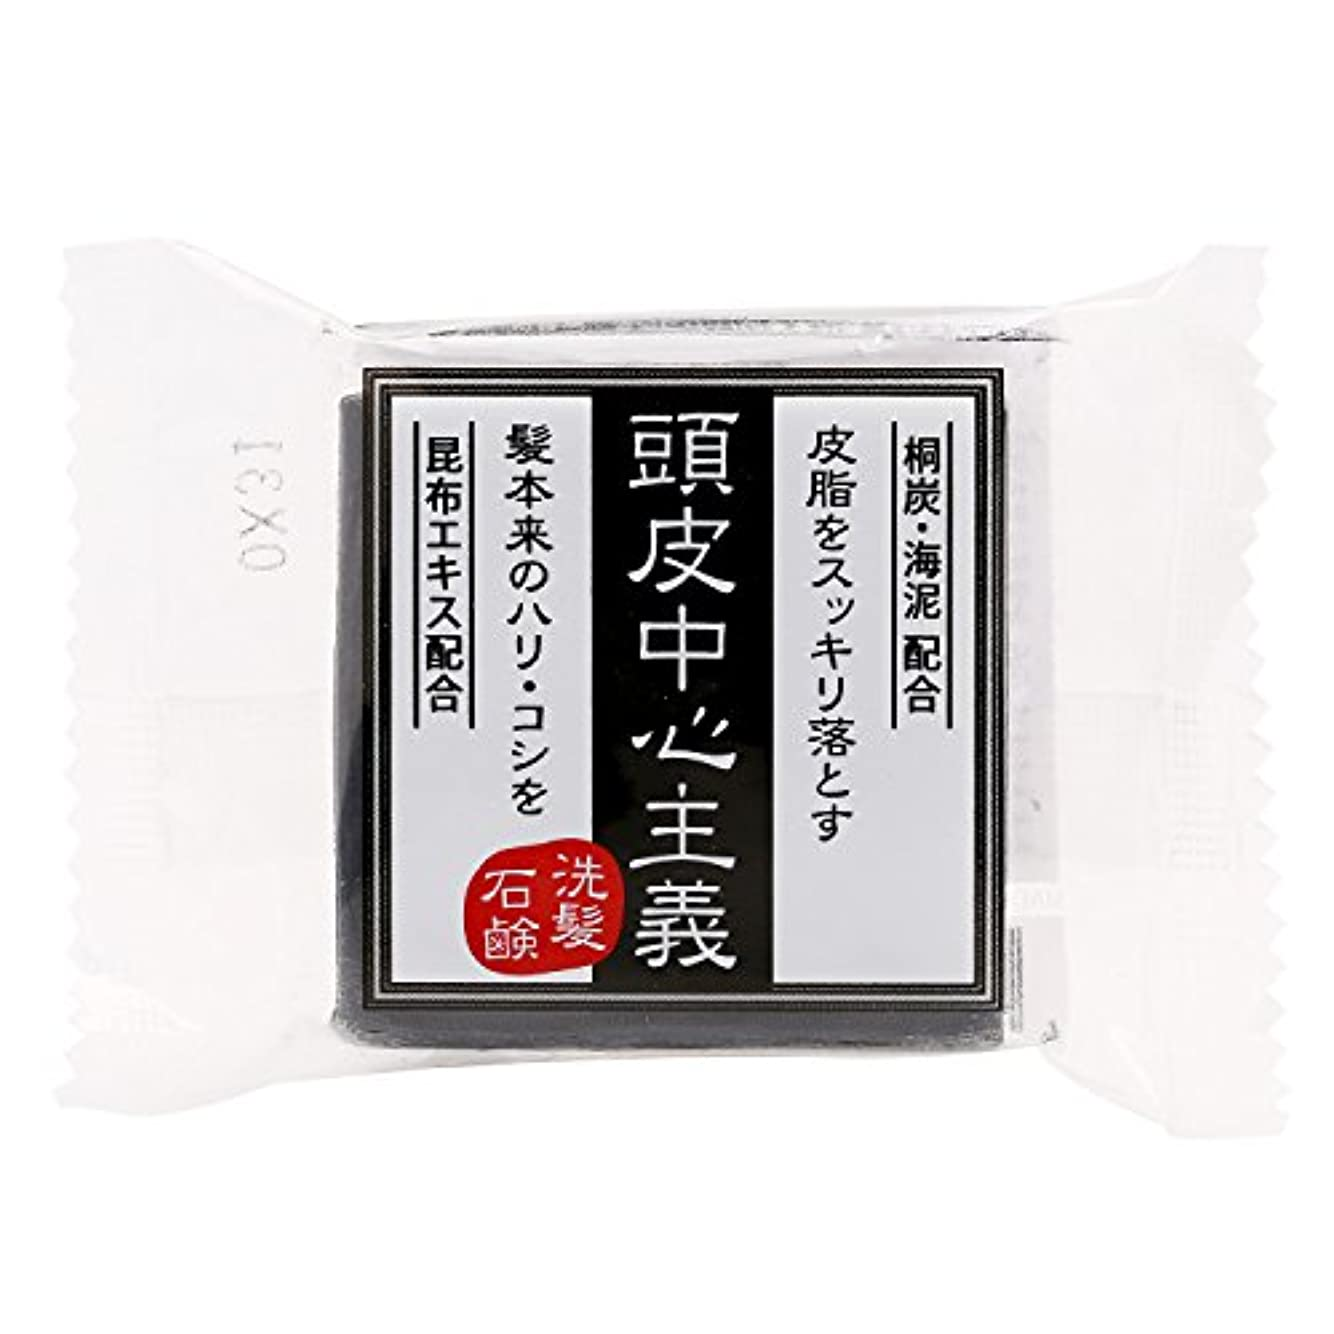 命令ペースト良い菊星 頭皮中心主義 洗髪石鹸 30g